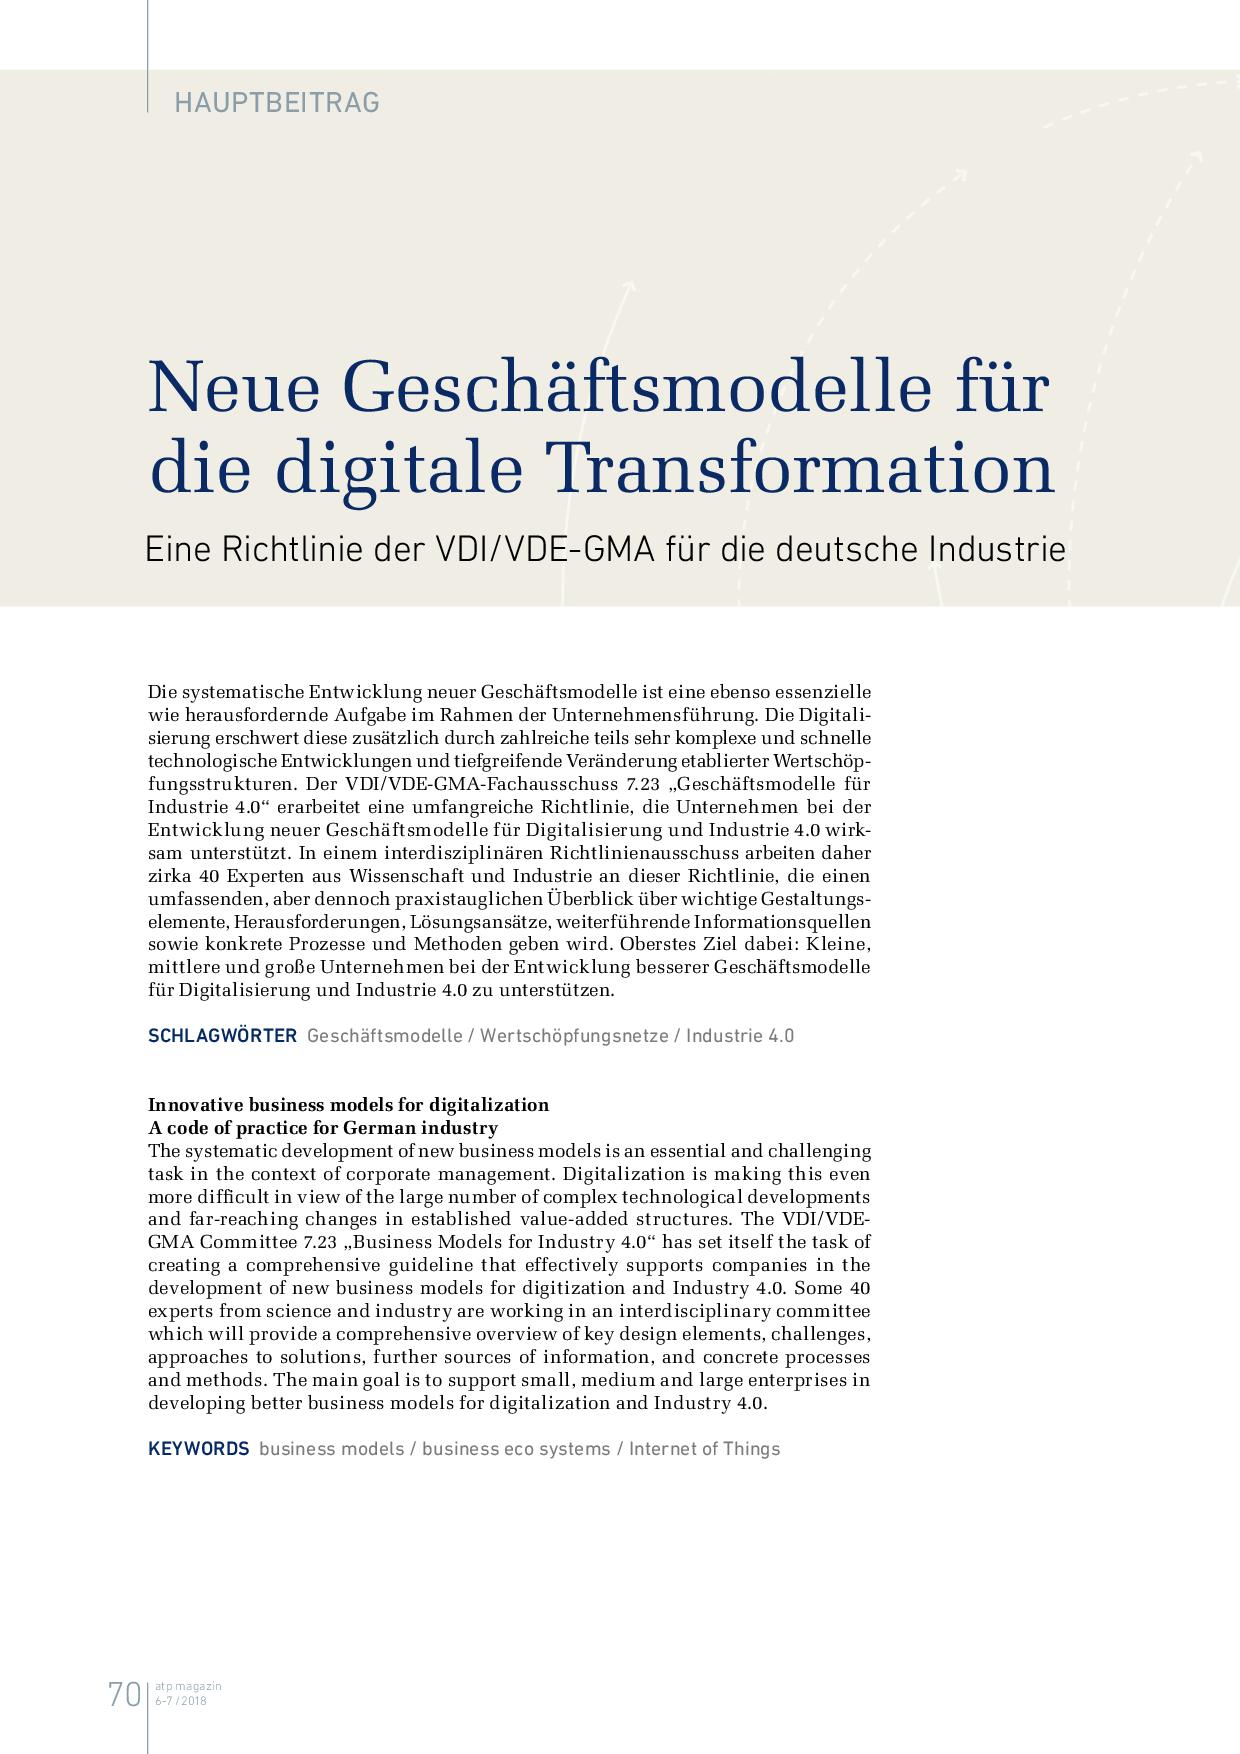 Neue Geschäftsmodelle für die digitale Transformation